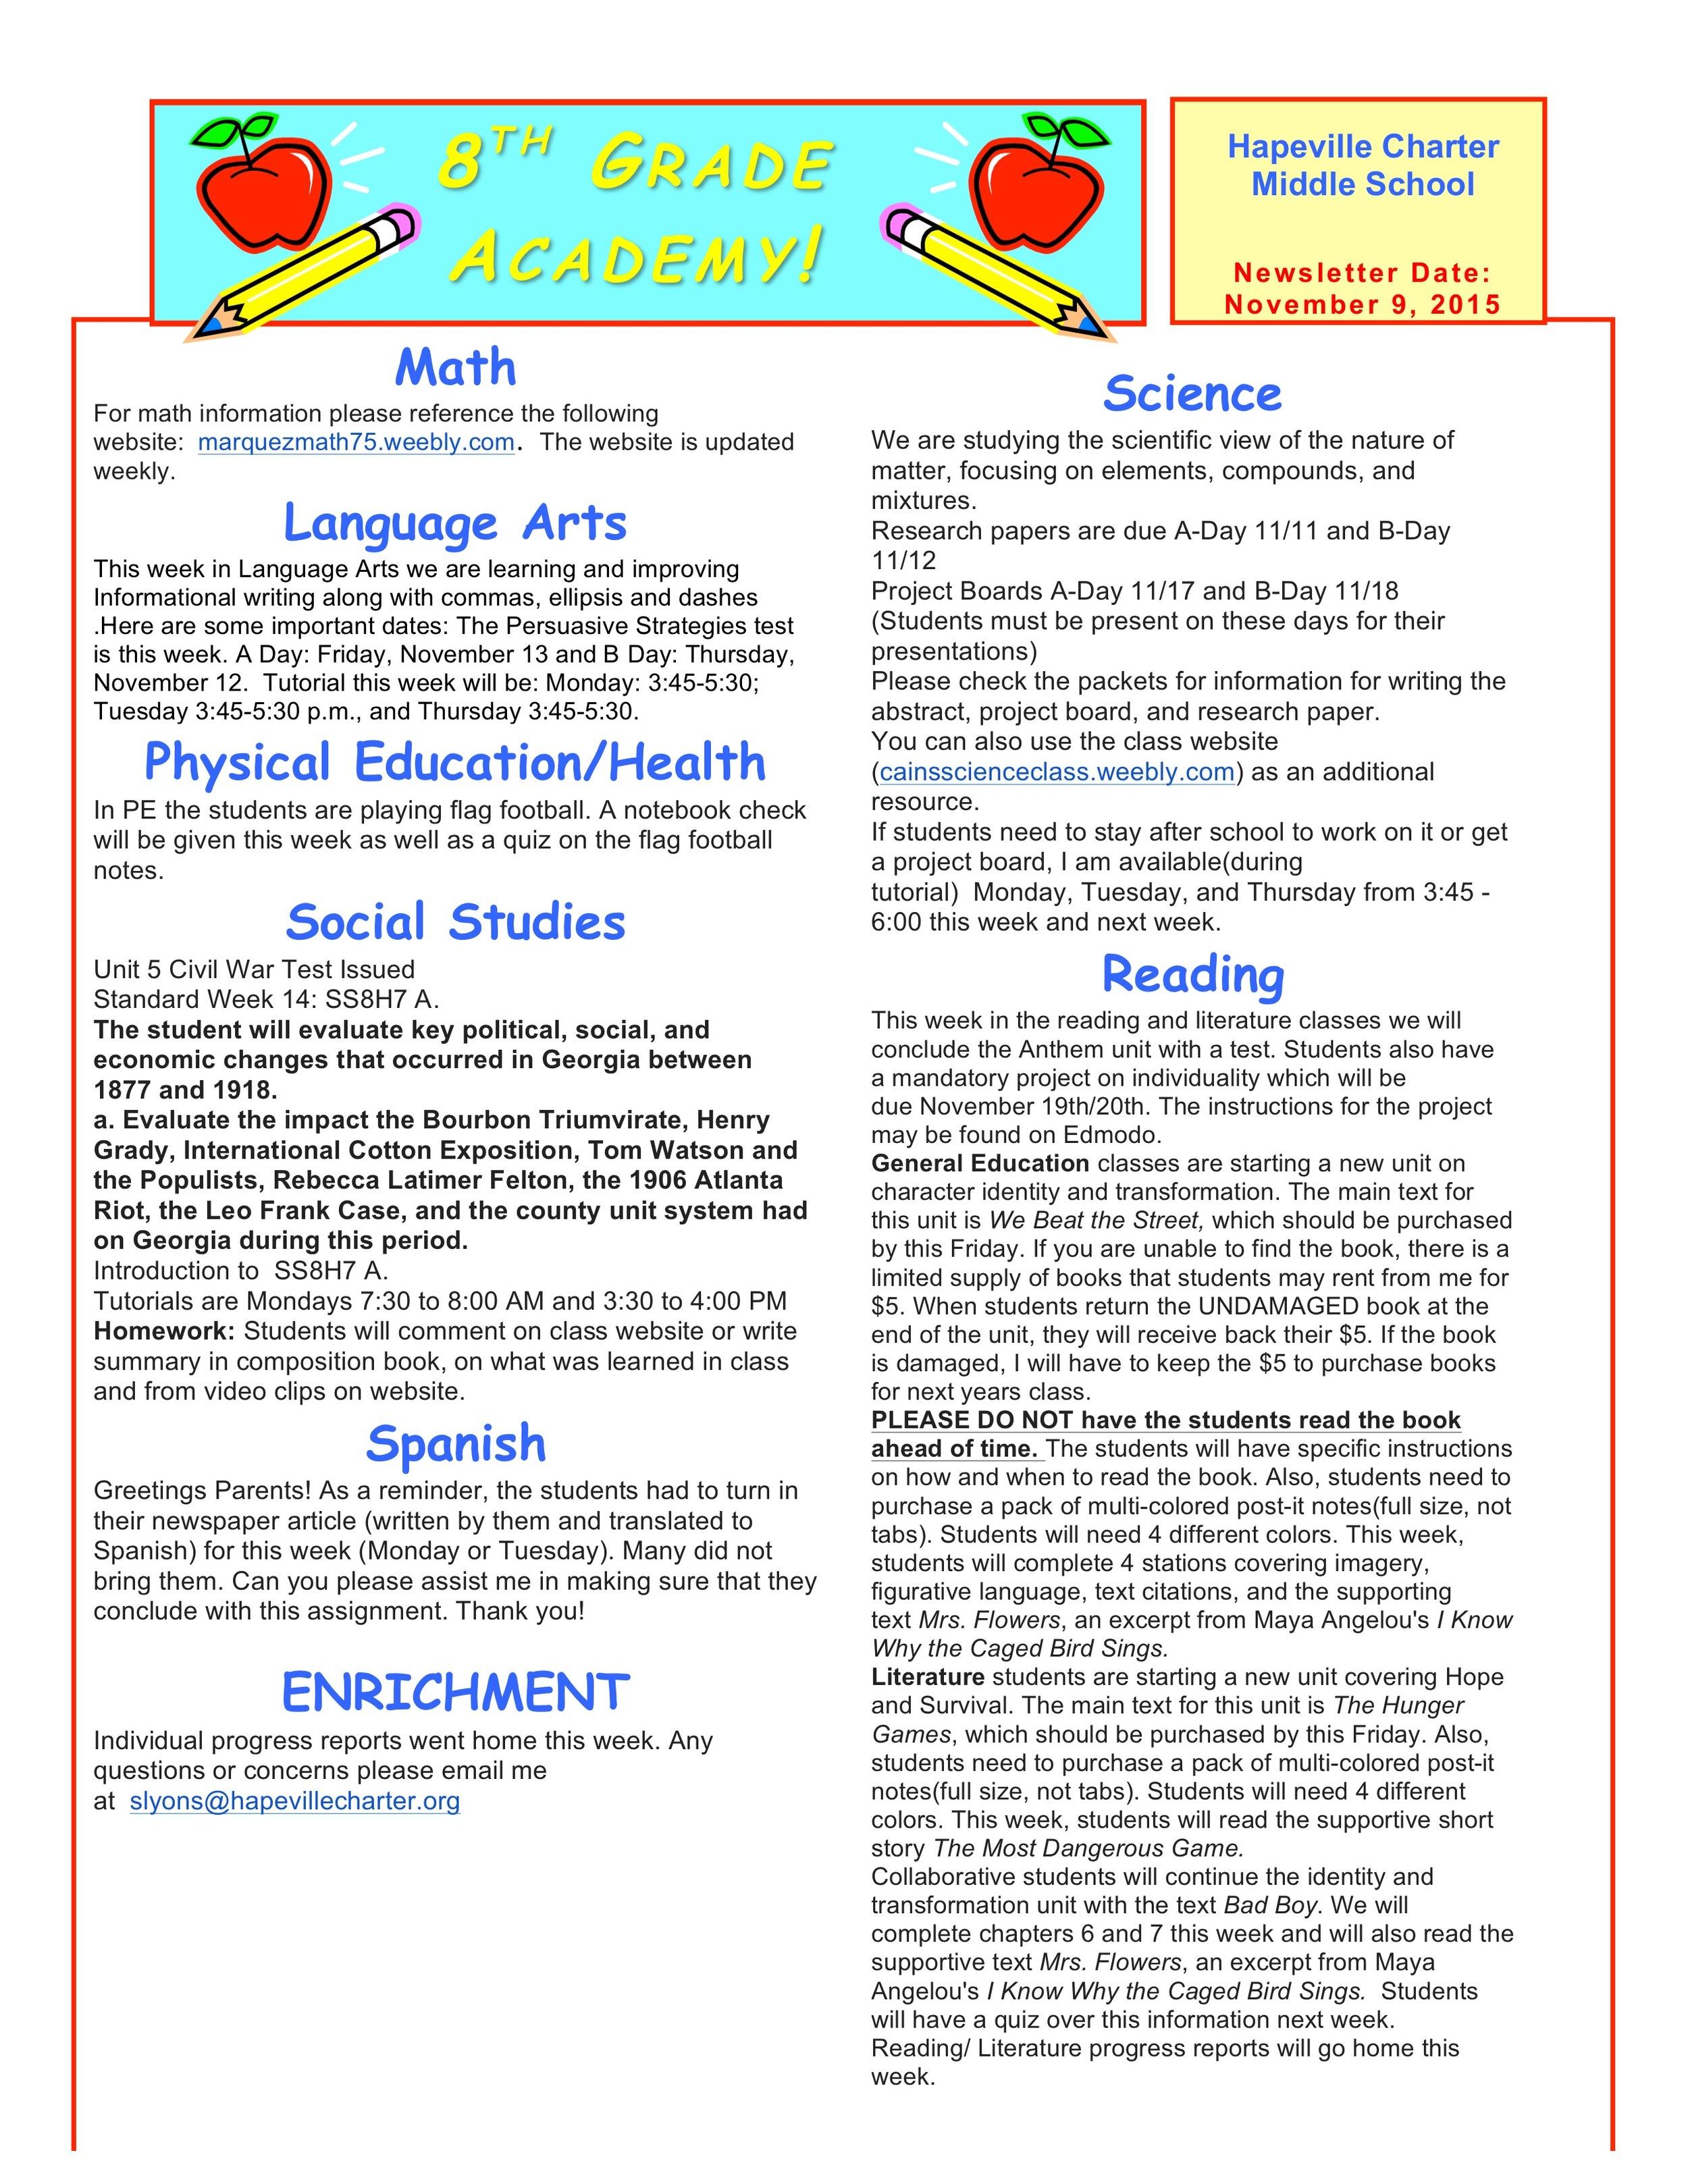 Newsletter Image8th grade November 9 2015 .jpeg